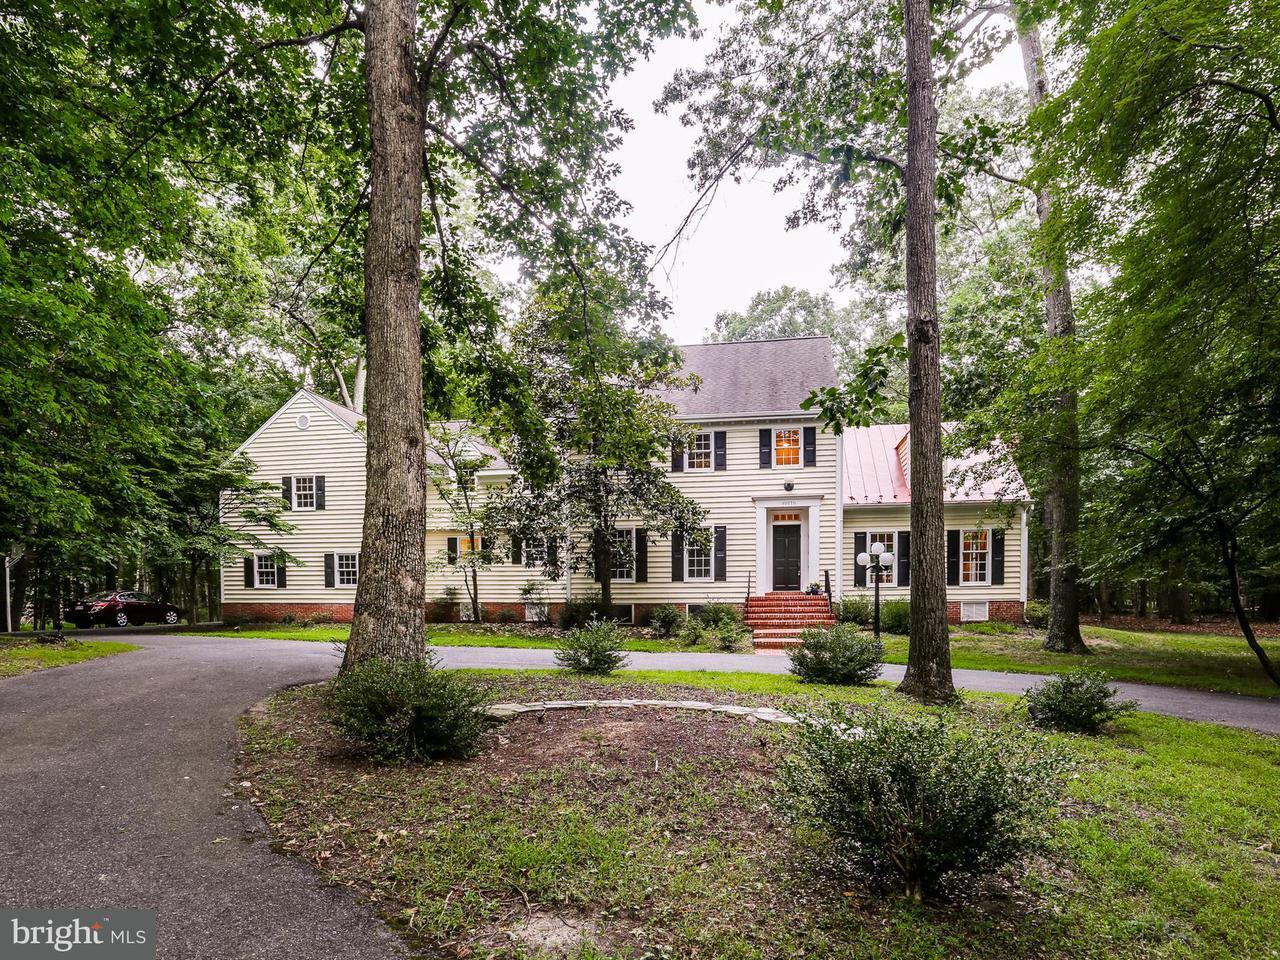 一戸建て のために 売買 アット 10370 BUGLENOTE WAY 10370 BUGLENOTE WAY Columbia, メリーランド 21044 アメリカ合衆国